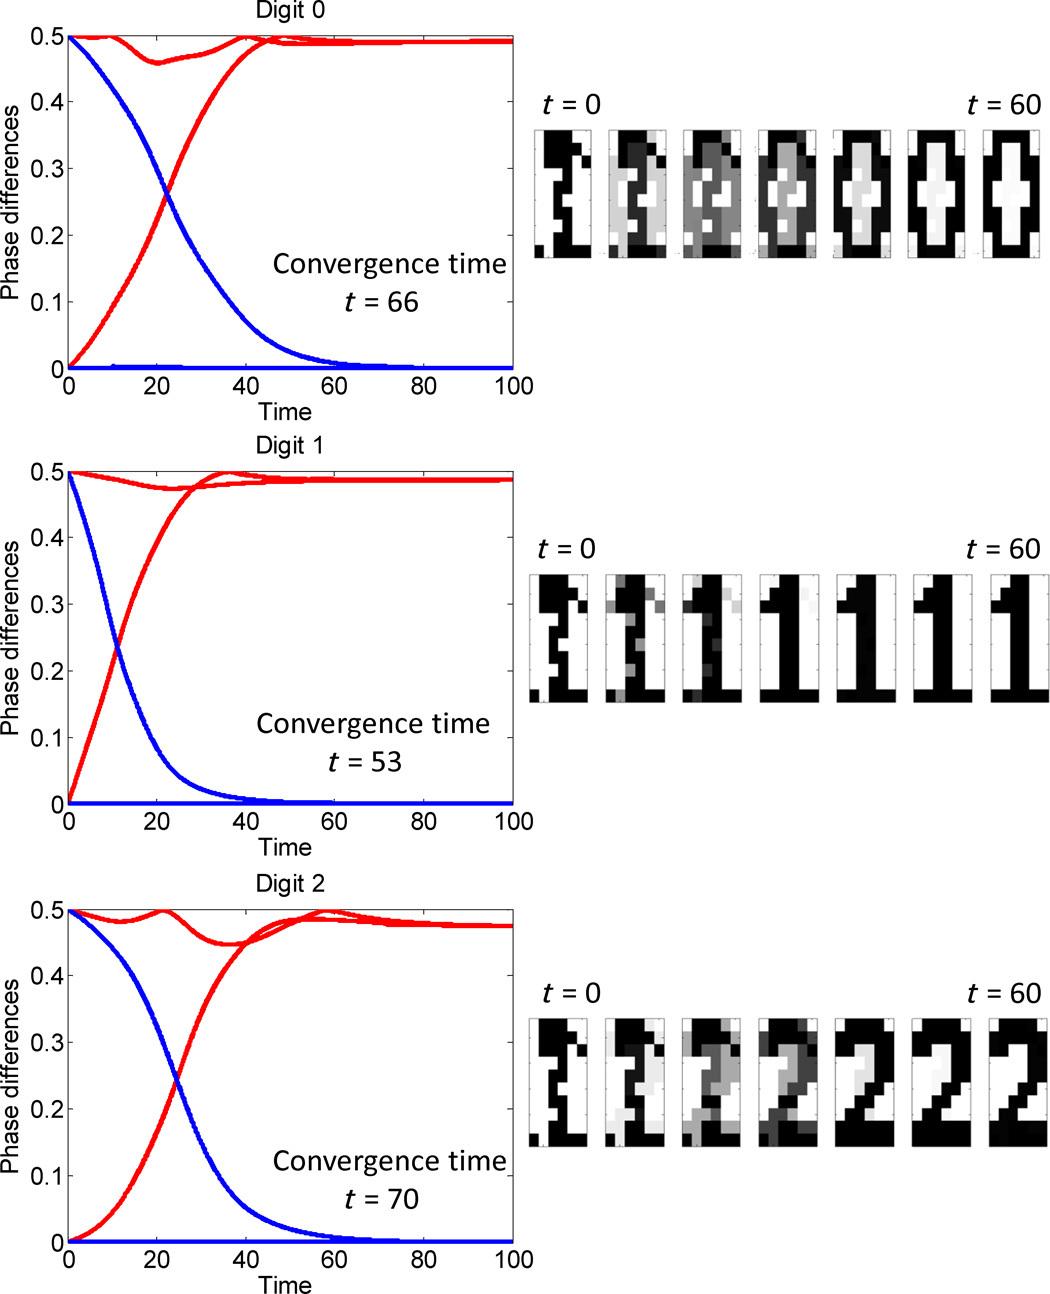 Живая химия. Вычислительное вещество из геля Белоусова-Жаботинского распознаёт простые образы